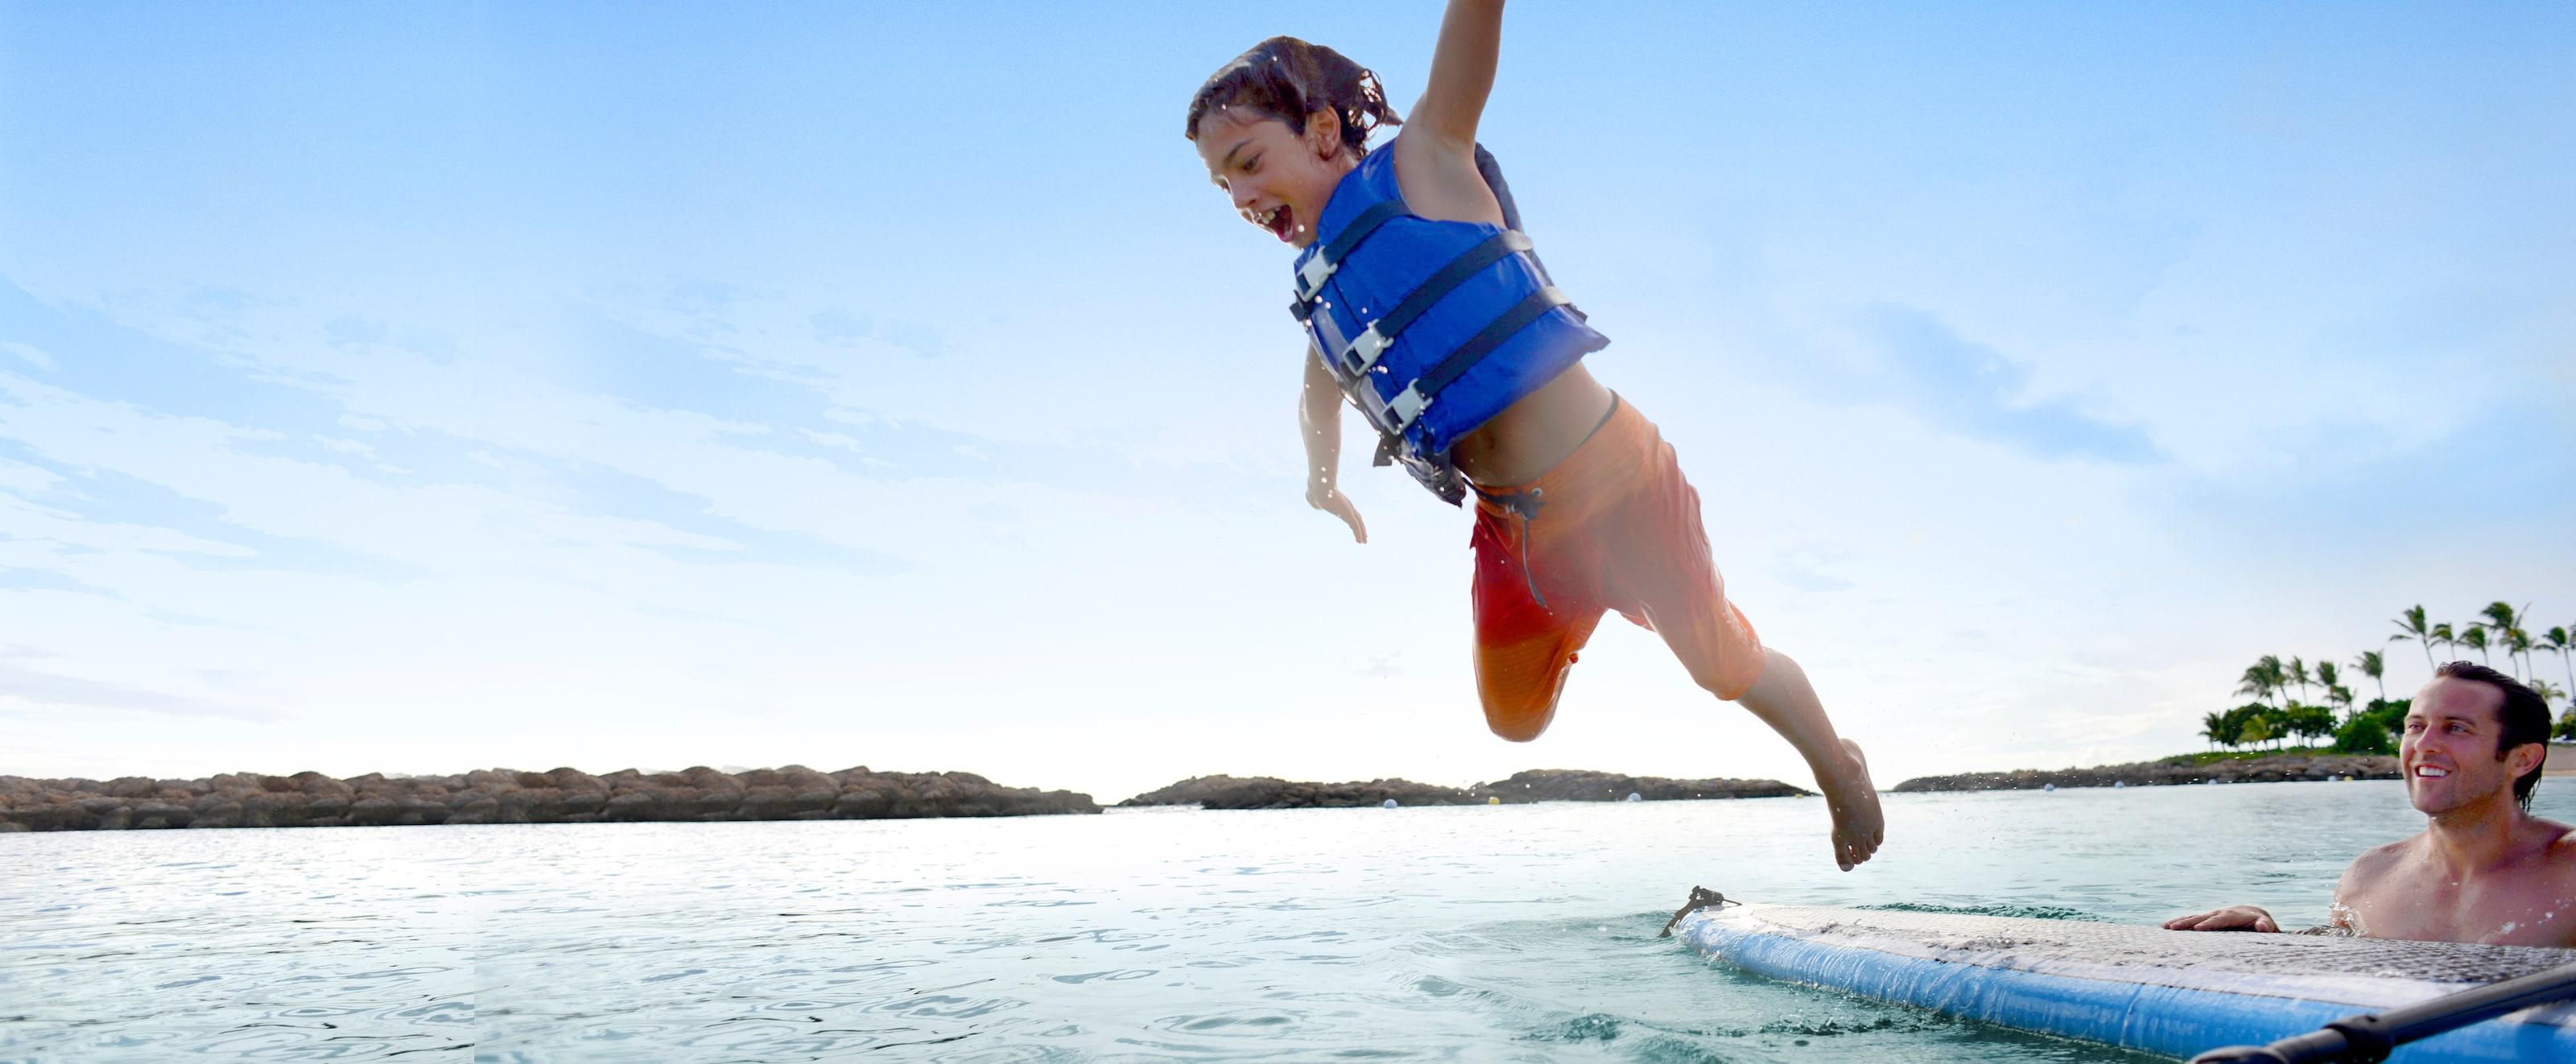 ライフジャケットを着てサーフボードから海にジャンプする少年と、そばで見守る父親